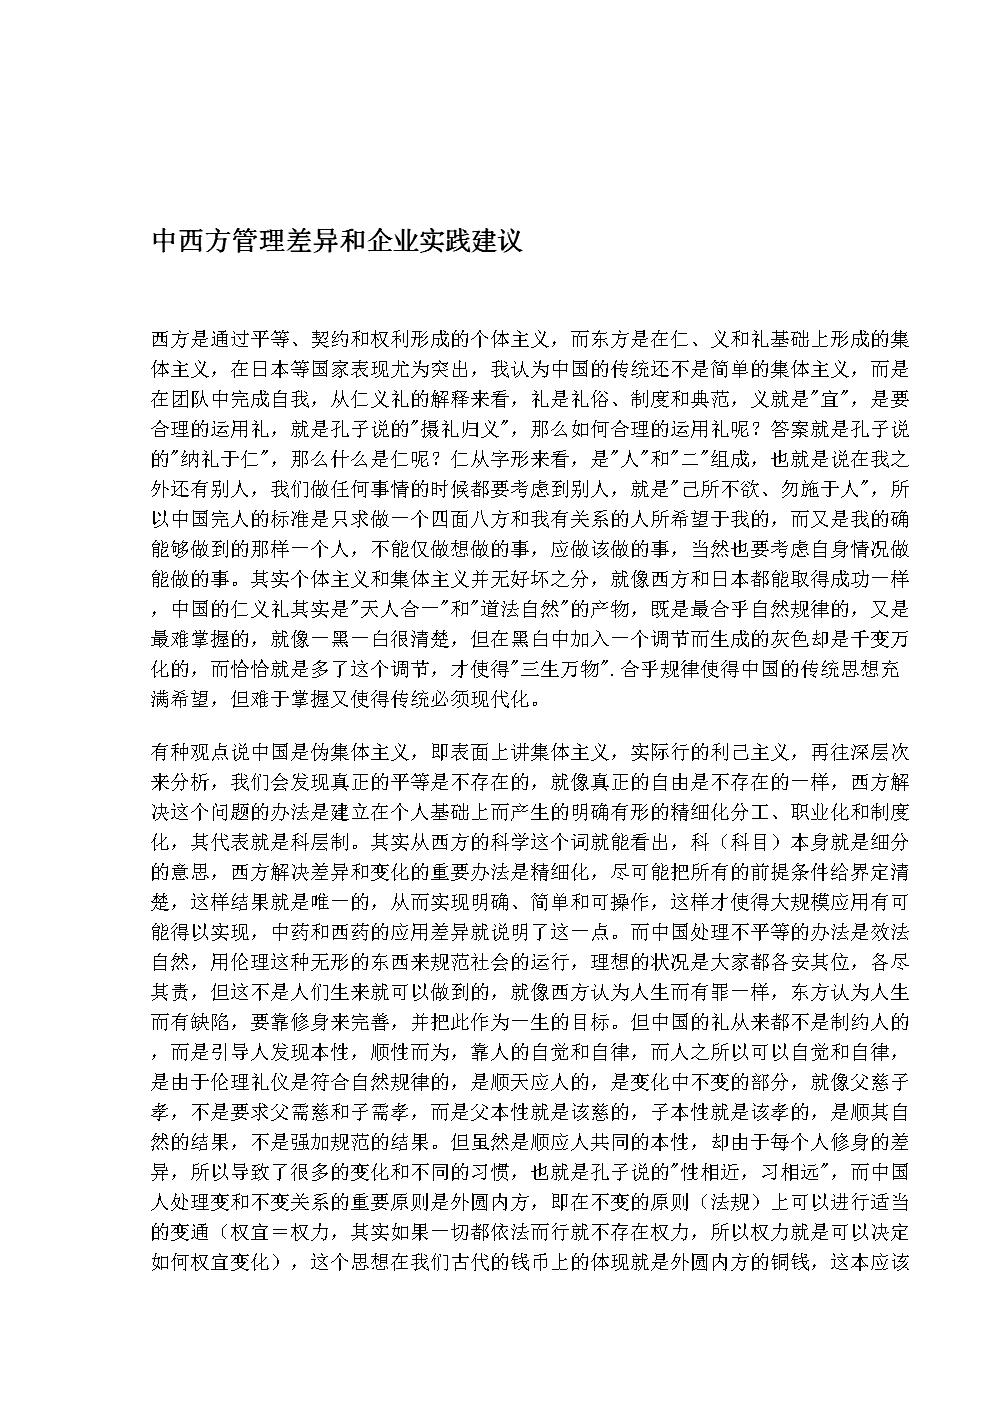 中西方管理差异和企业实践建议(1).doc